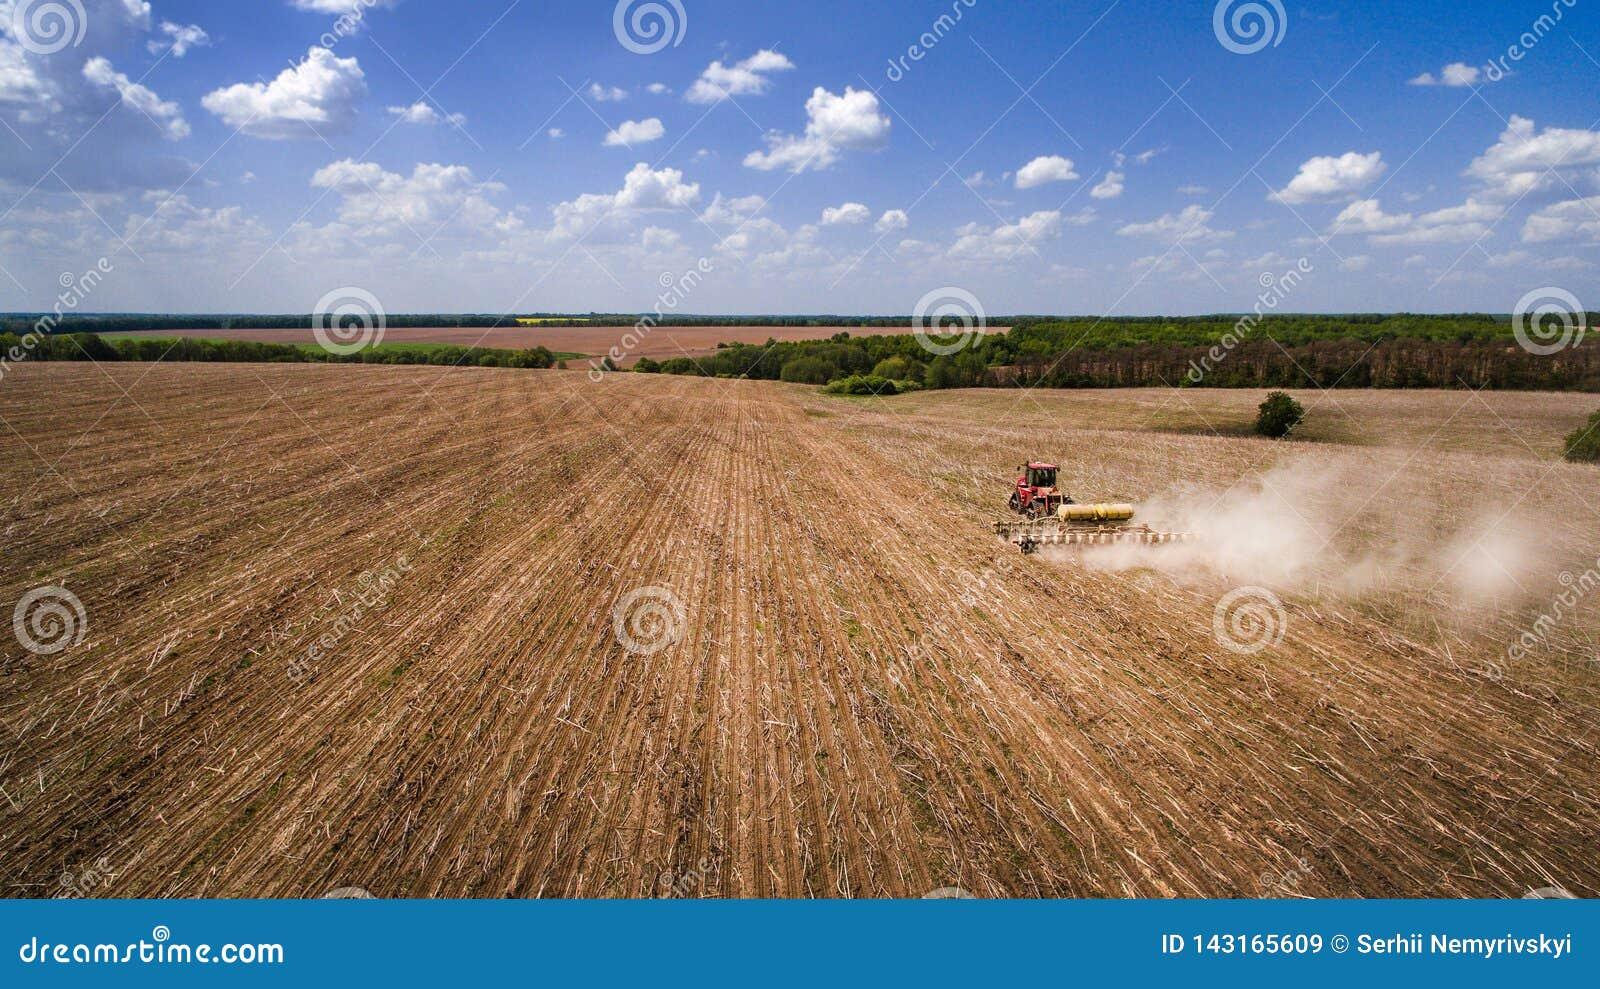 Tractor que prepara la tierra para sembrar dieciséis filas aéreas, el concepto de cultivo, siembra, arando el campo, el tractor y